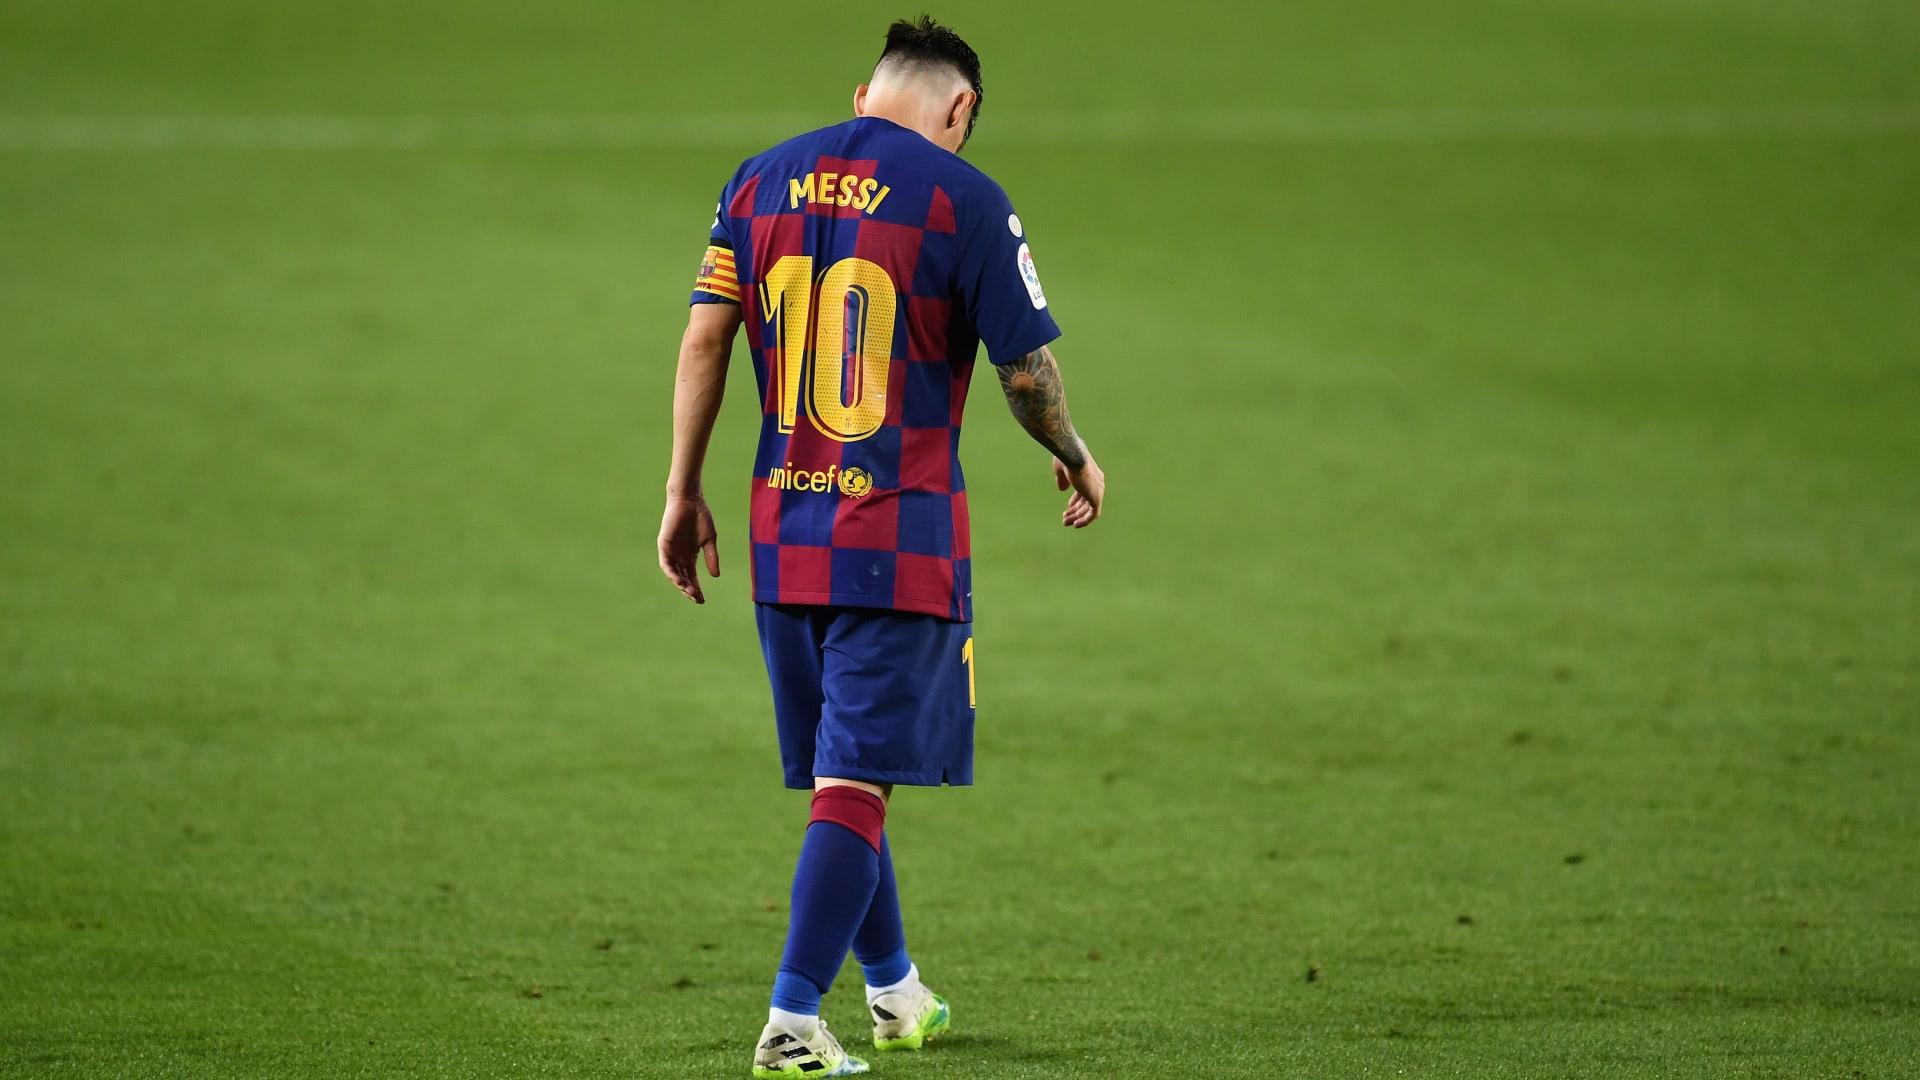 """برشلونة يتعثر مجددا بتعادل """"مُخيب"""" أمام أتلتيكو مدريد.. وفرصة ذهبية للريال"""